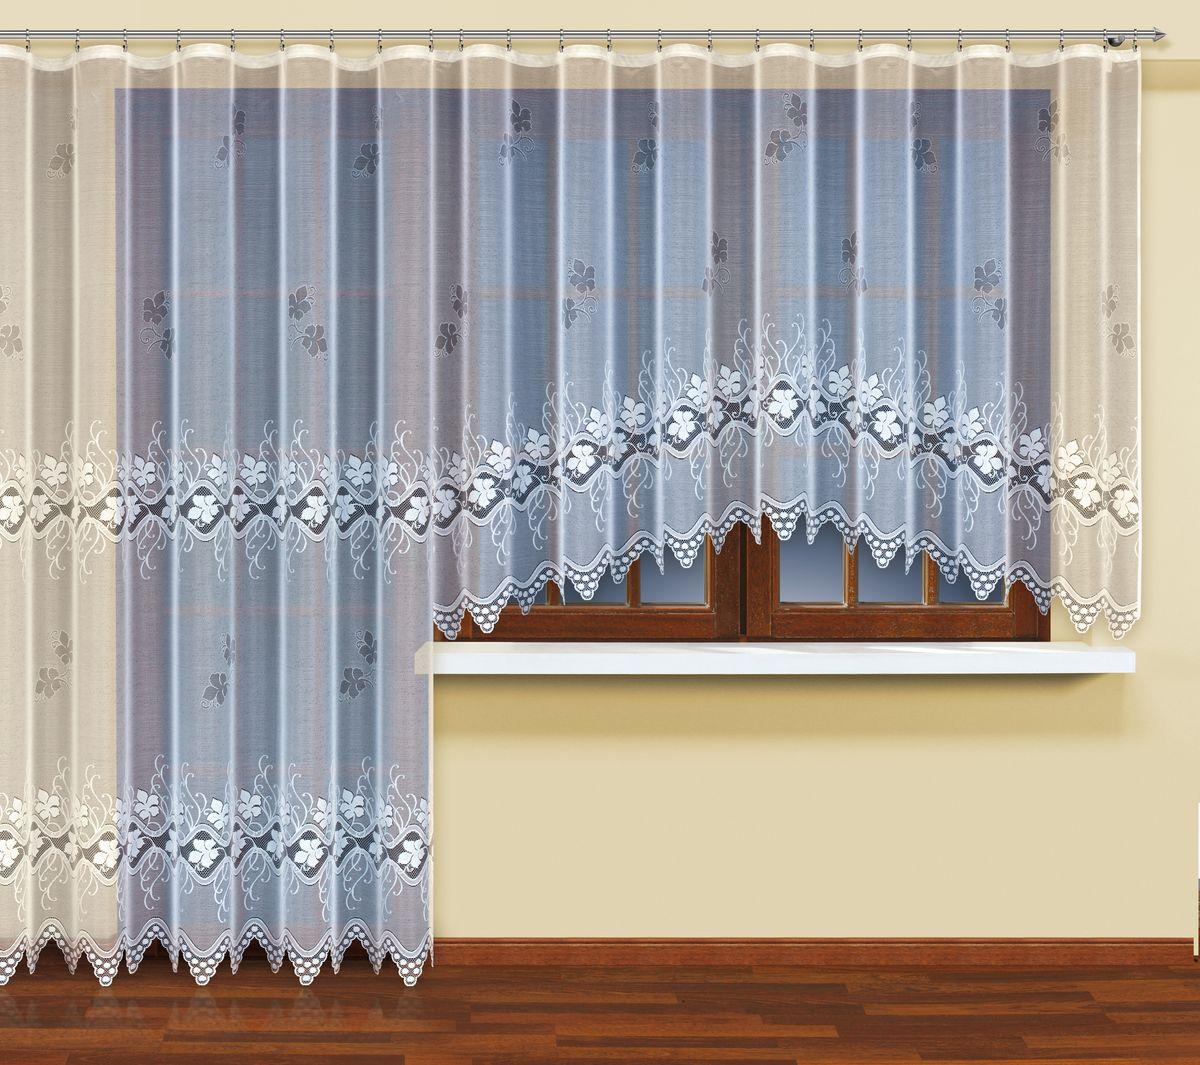 Комплект балконный HAFT 300*160+200*240. 222570222570Комплект балконный XAFT 300*160+200*240. 222570 Материал: 100% п/э, размер: 300*160+200*240, цвет: белый